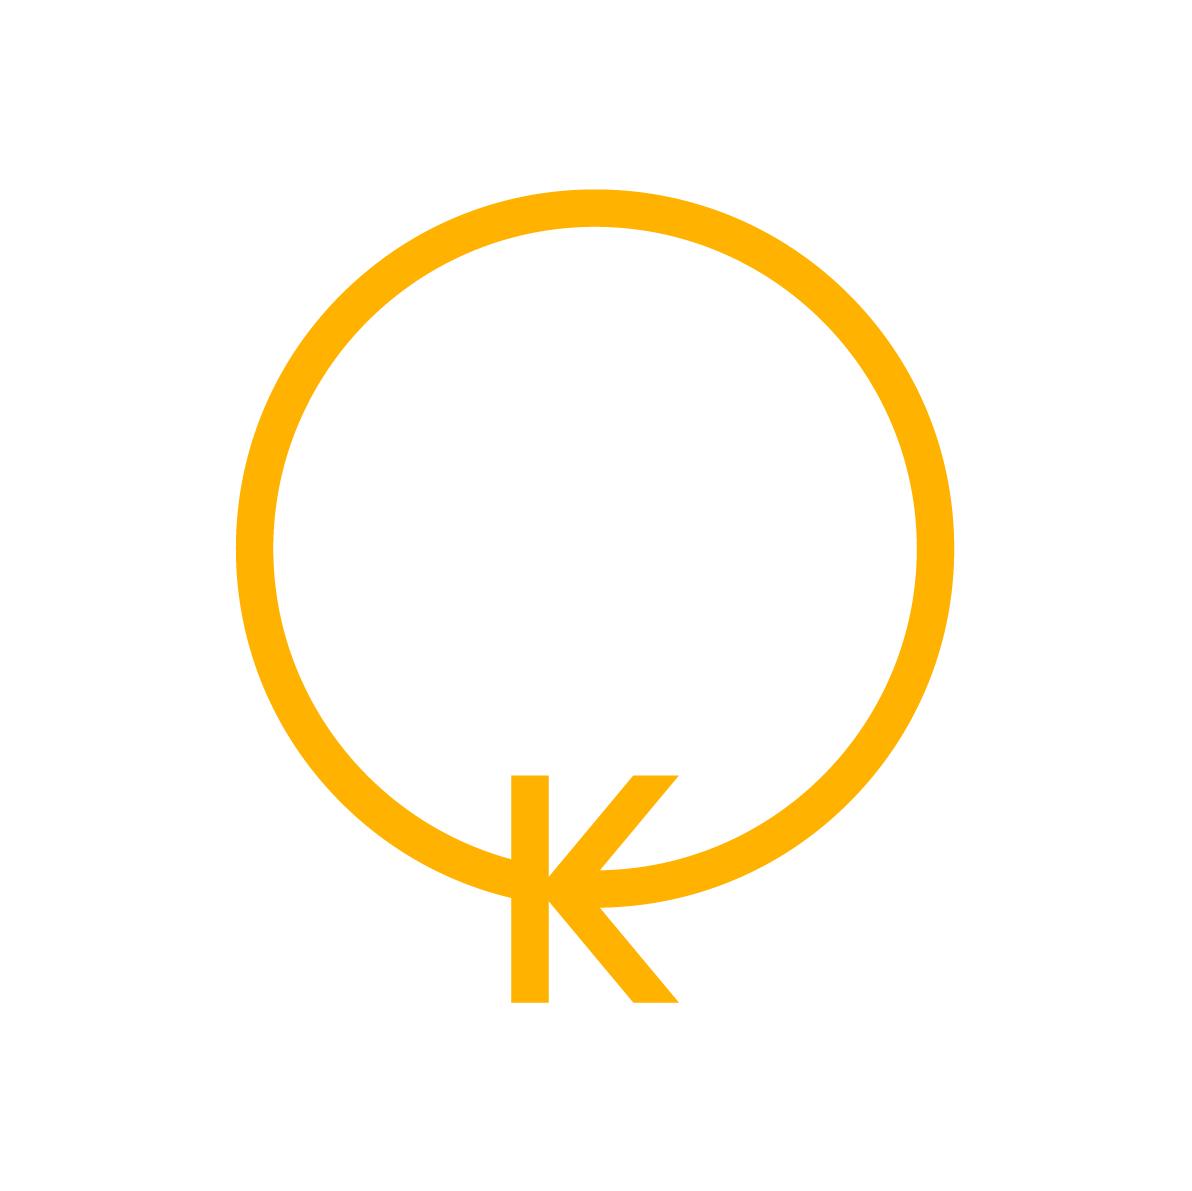 Ksoni